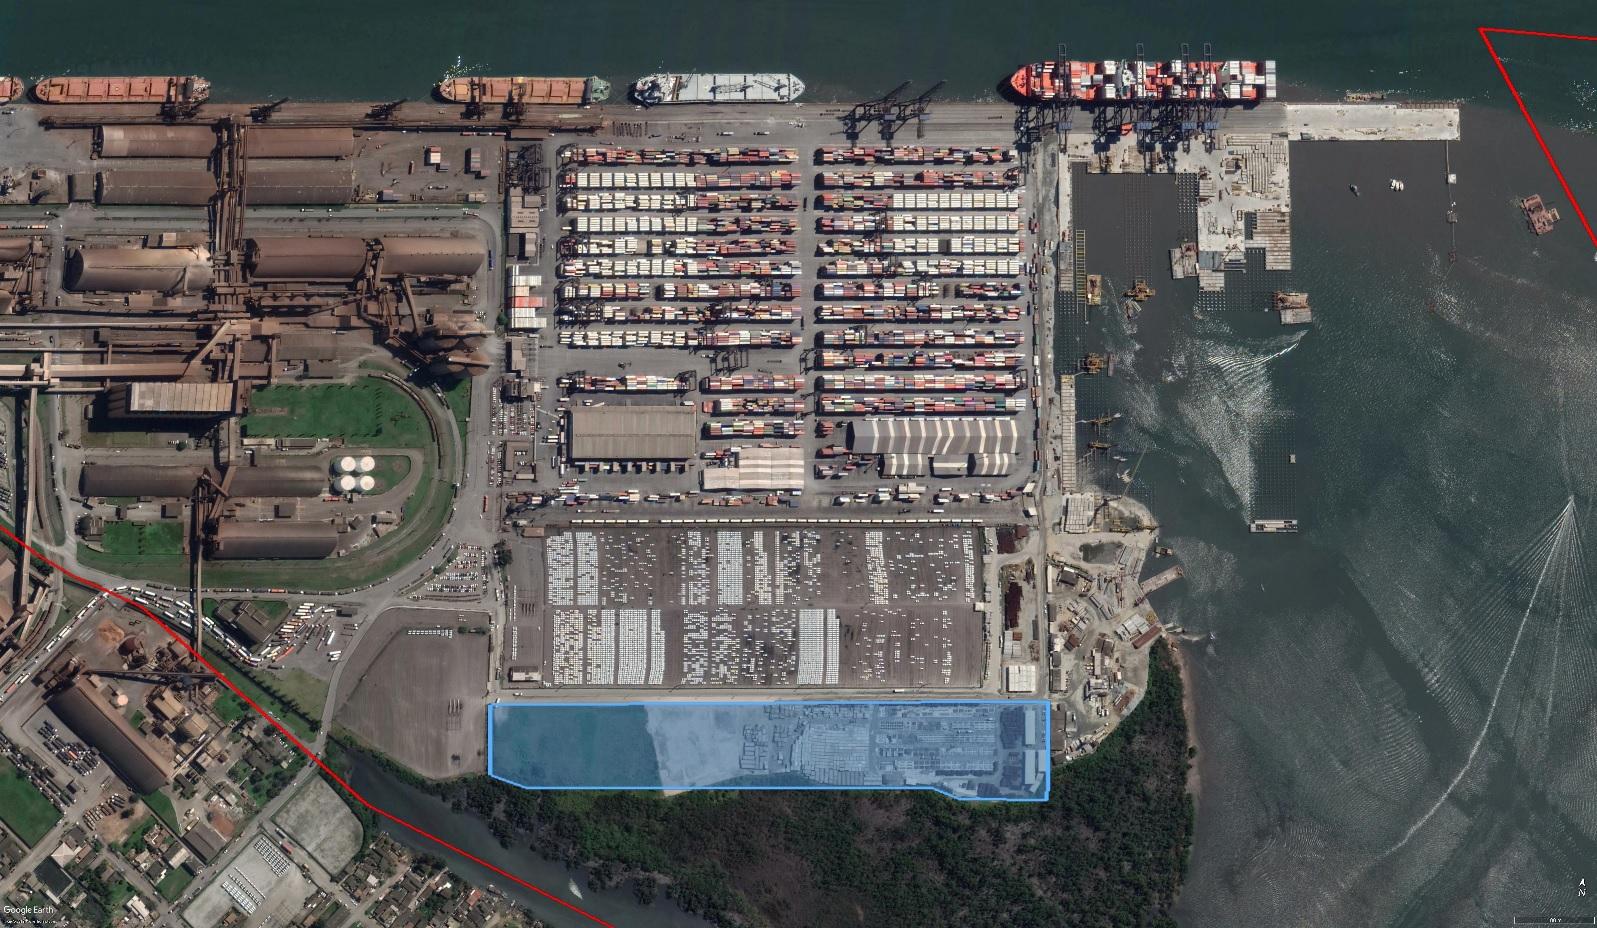 Confirmado leilão de área de veículos do Porto de Paranaguá